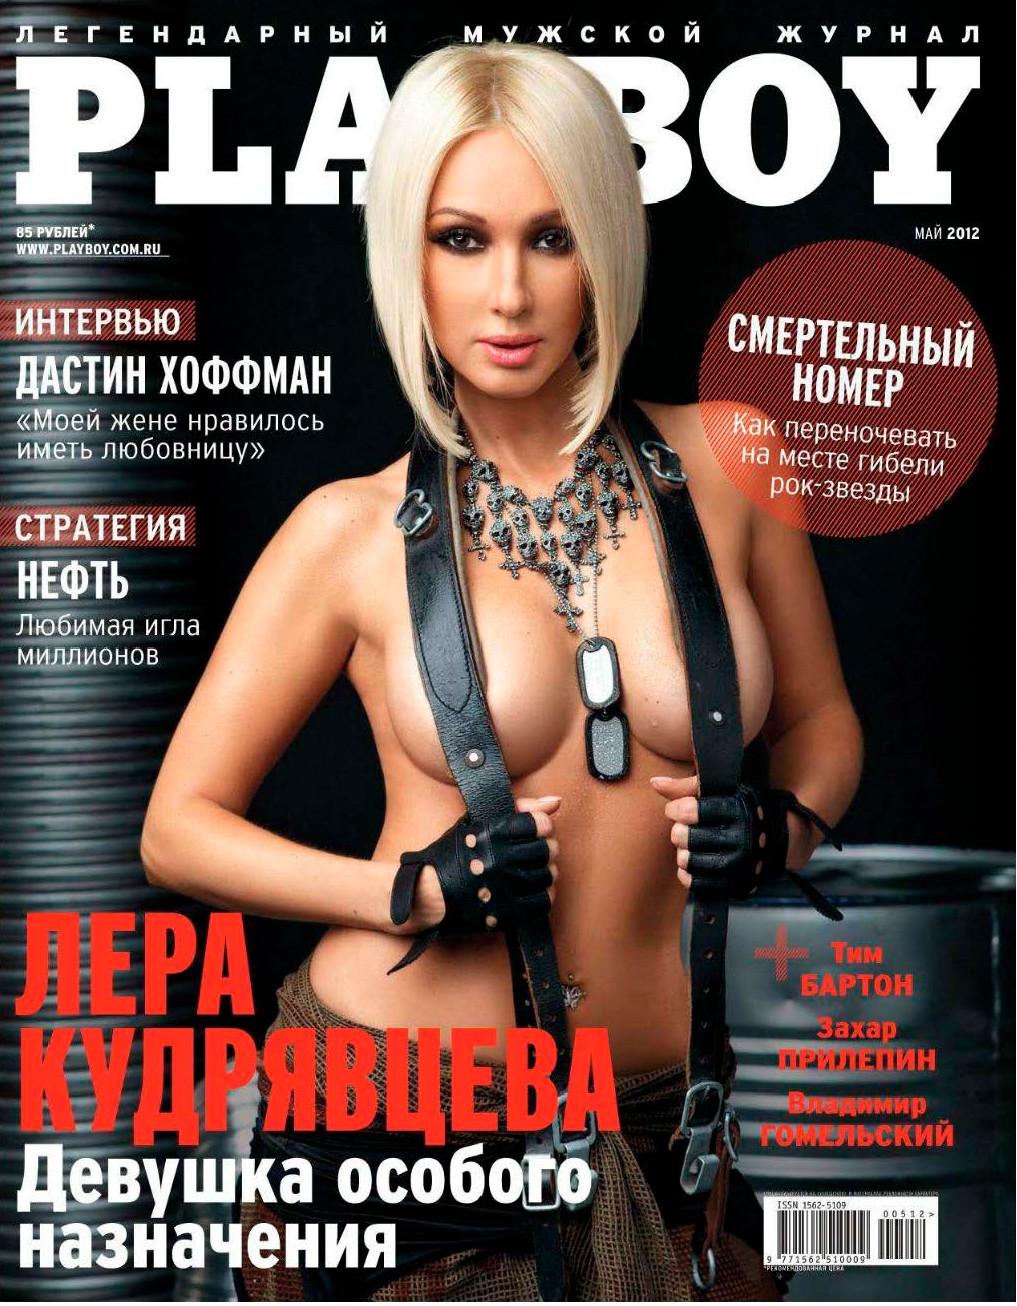 Эротические фотосессии обнаженных моделей для мужских журналов